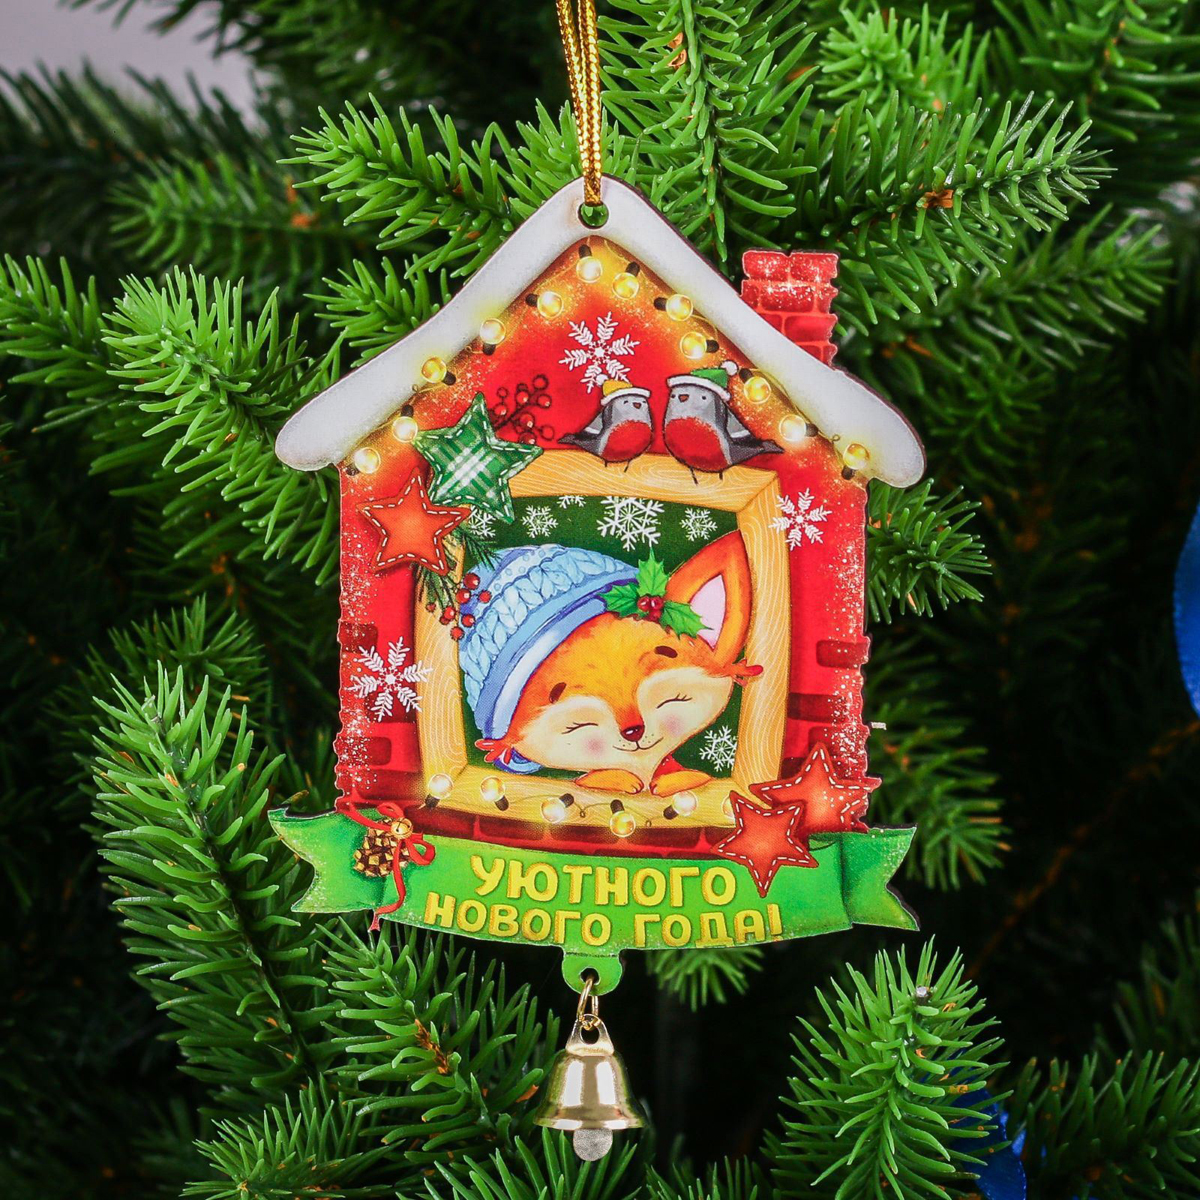 Подвеска на елку Уютного Нового года, 7,1 х 8,9 см2252489Как приятно преображать жилище в предвкушении Нового года и Рождества! На вашей елке обязательно найдется место для этих ярких подвесок. Красочные деревянные украшения будут долгие годы радовать вас оригинальным дизайном. Купив данный сувенир для себя, не забудьте преподнести один родным, близким или коллегам.